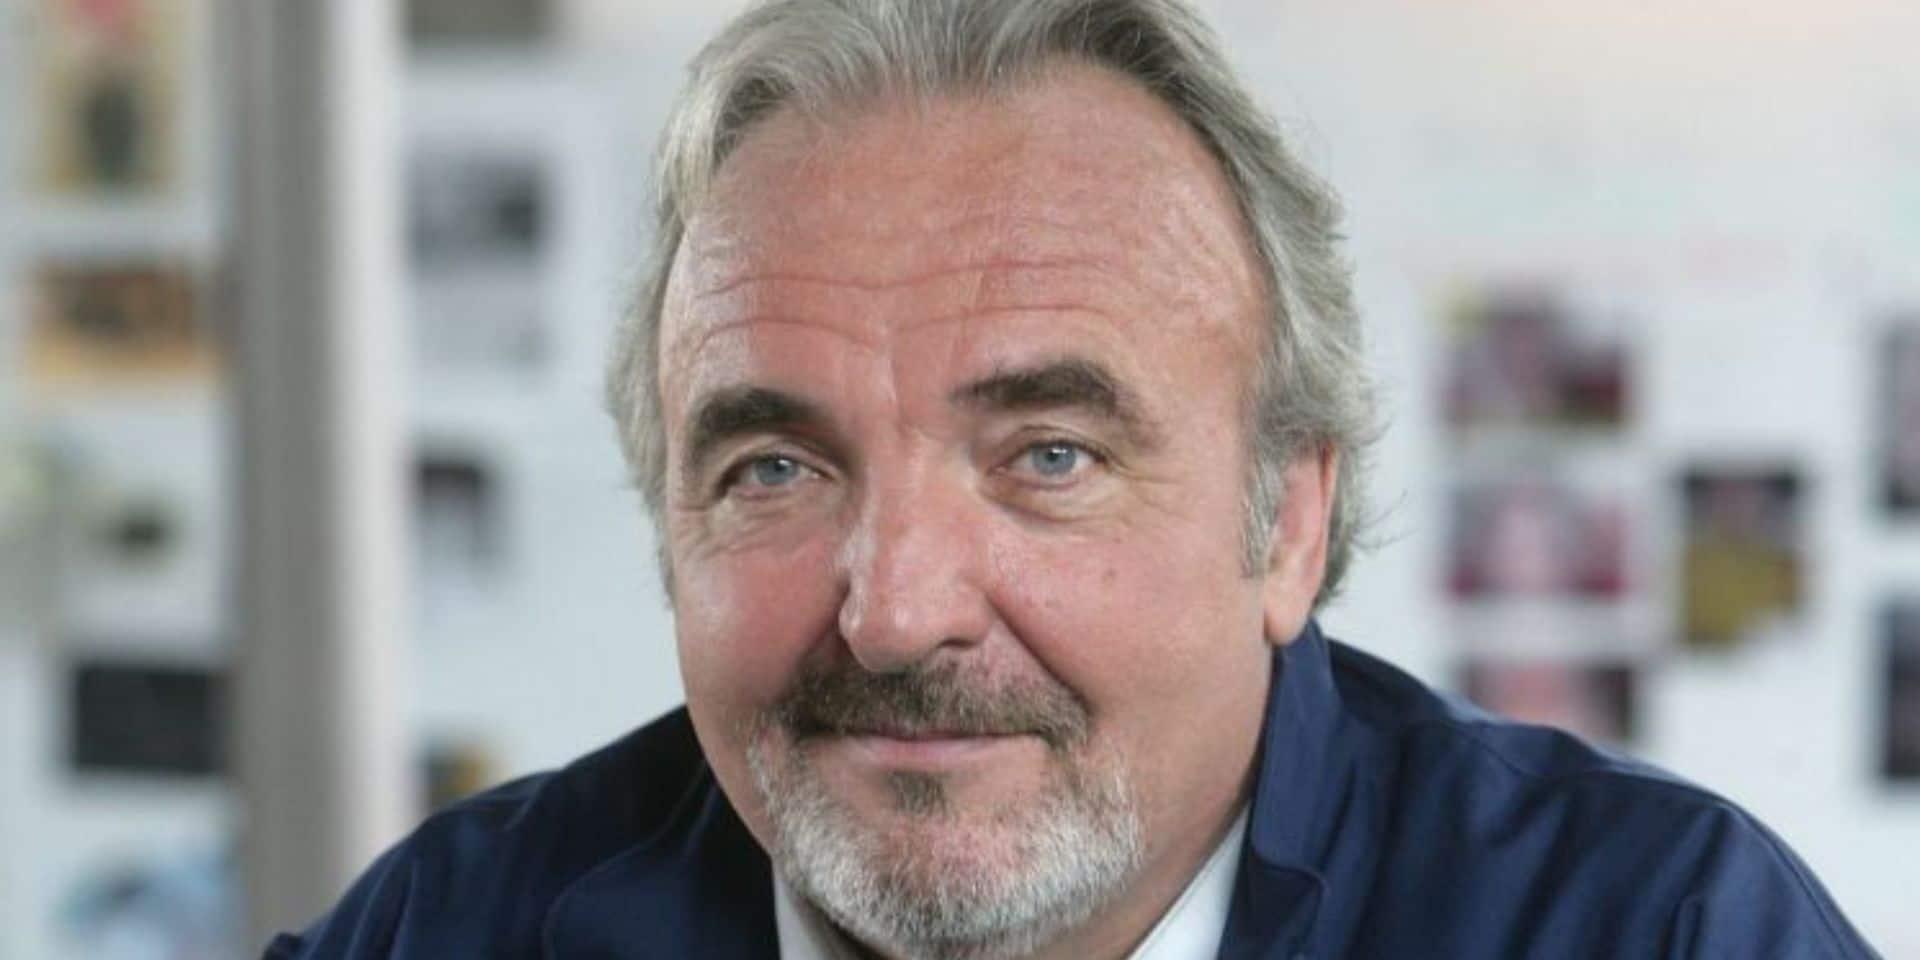 L'acteur belge Michel Van Dousselaere est décédé à l'âge de 73 ans